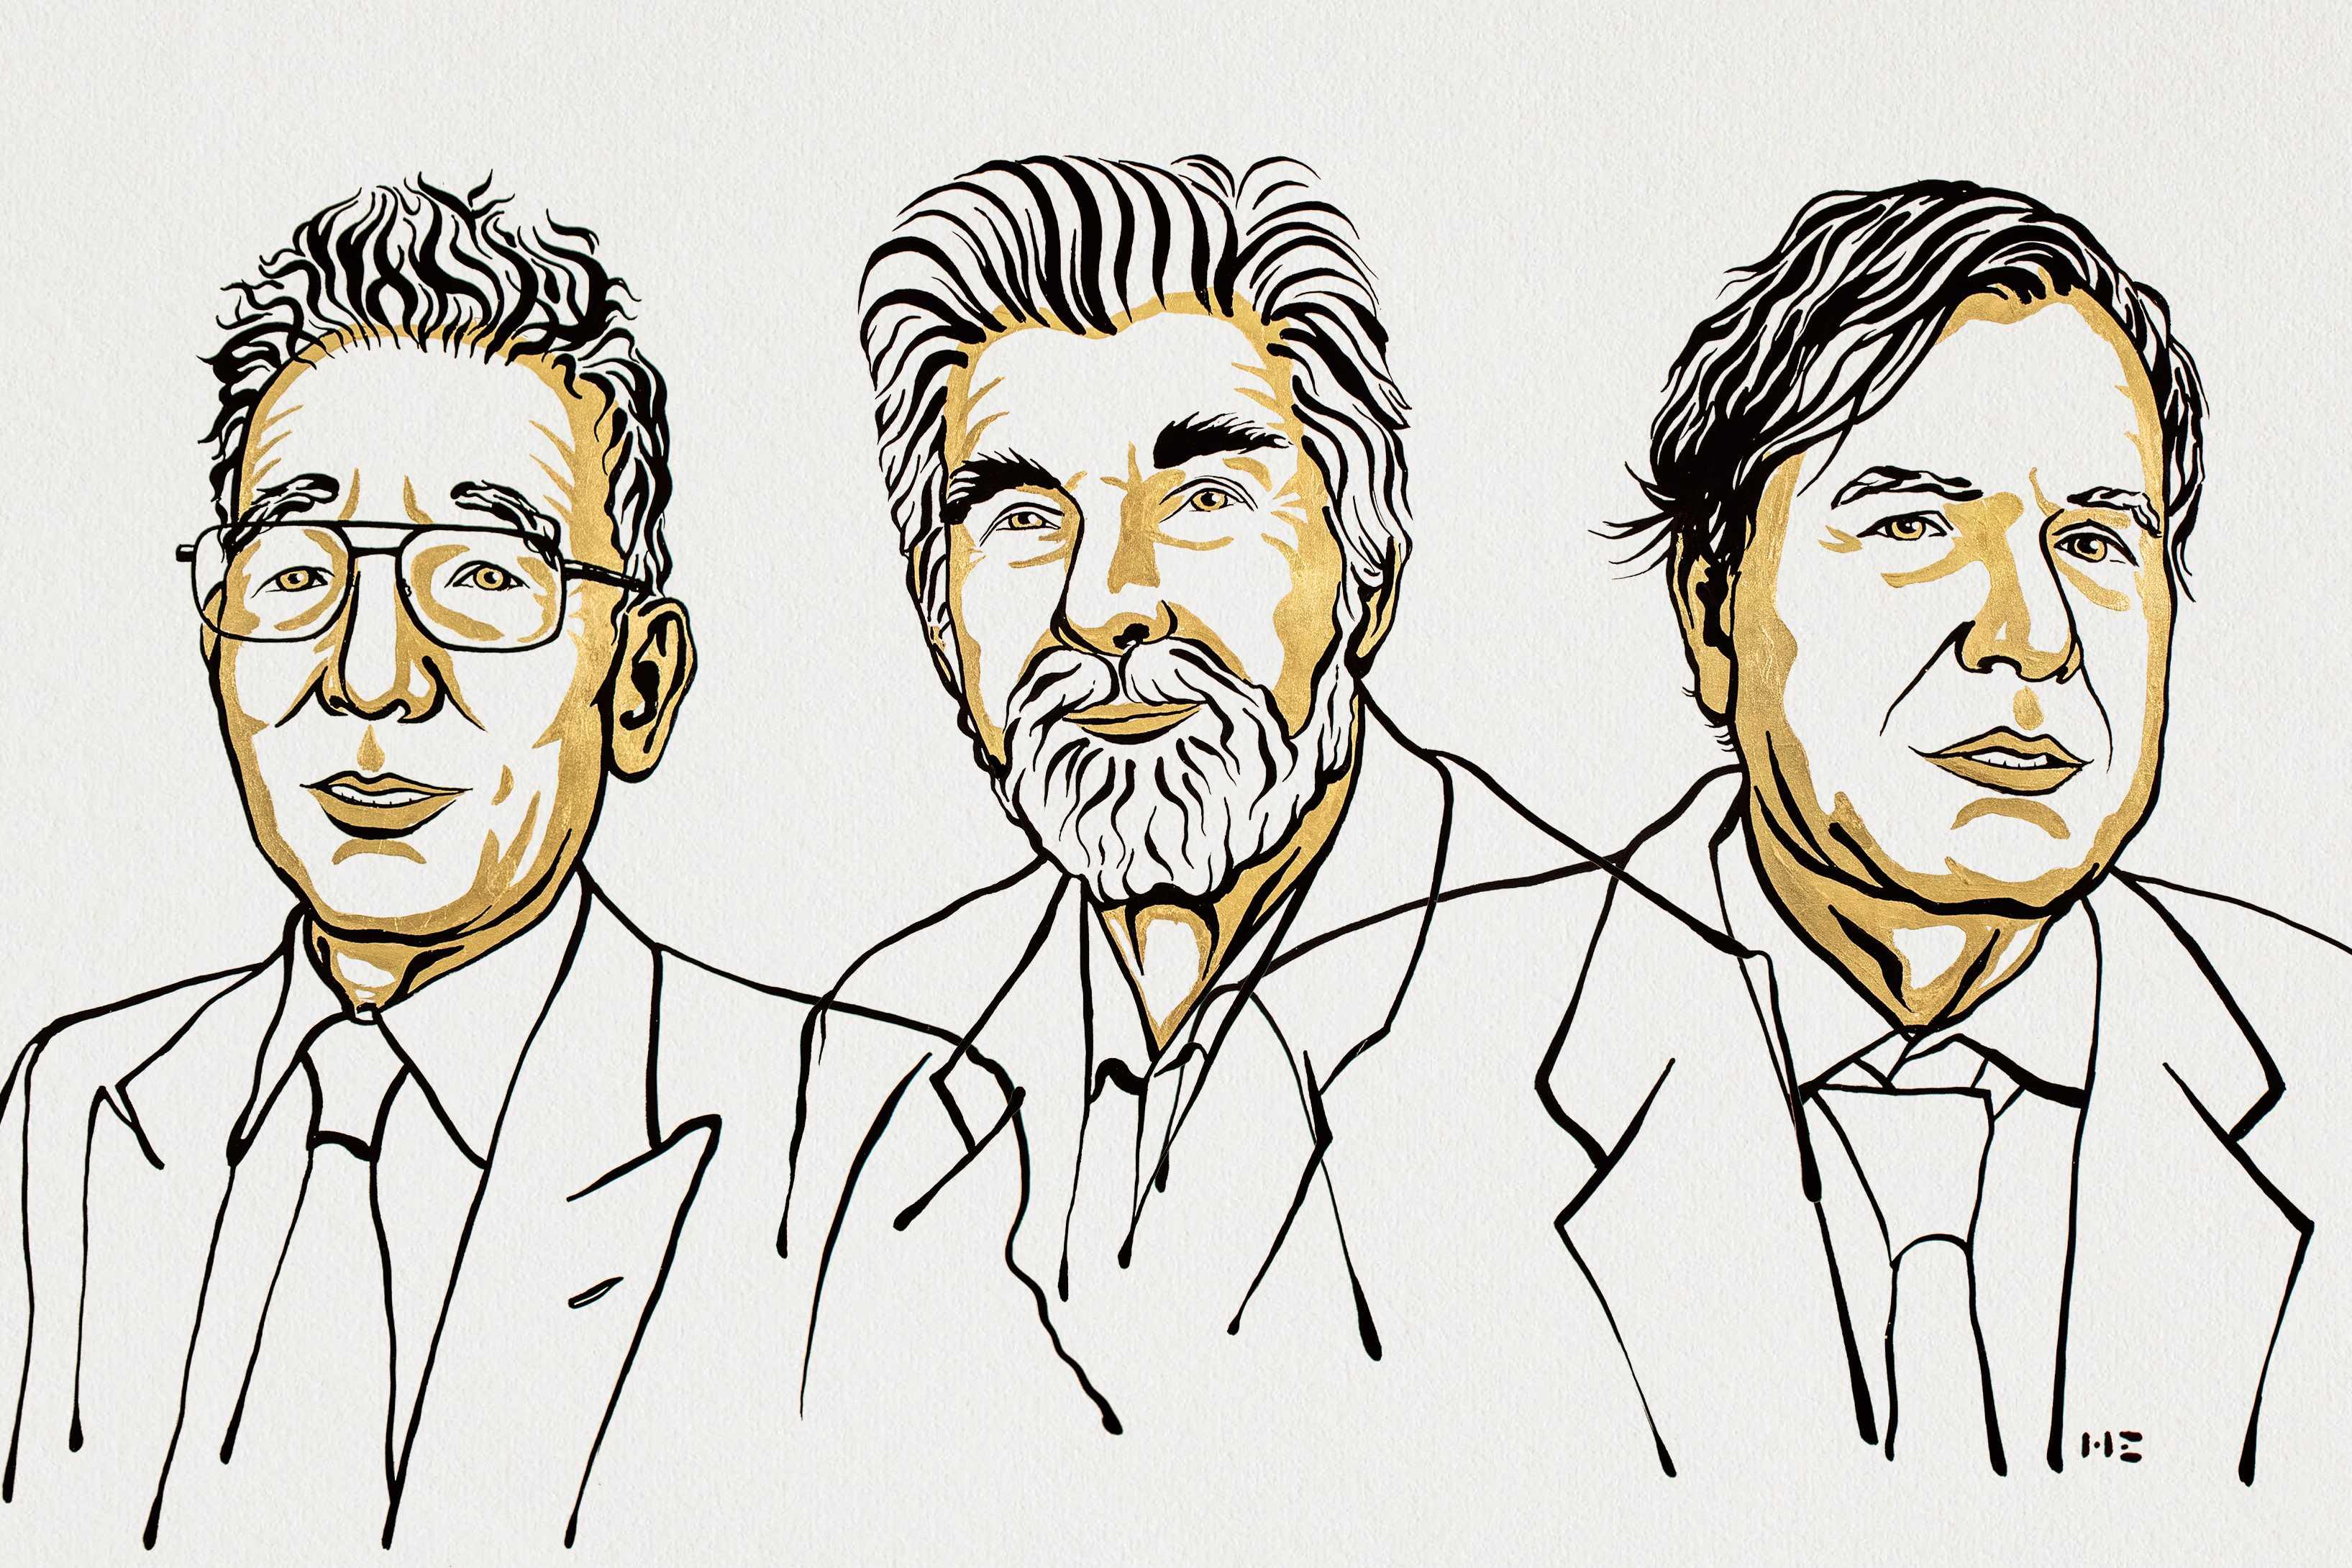 Нобелевская премия по физике вручена за понимание сложных физических систем